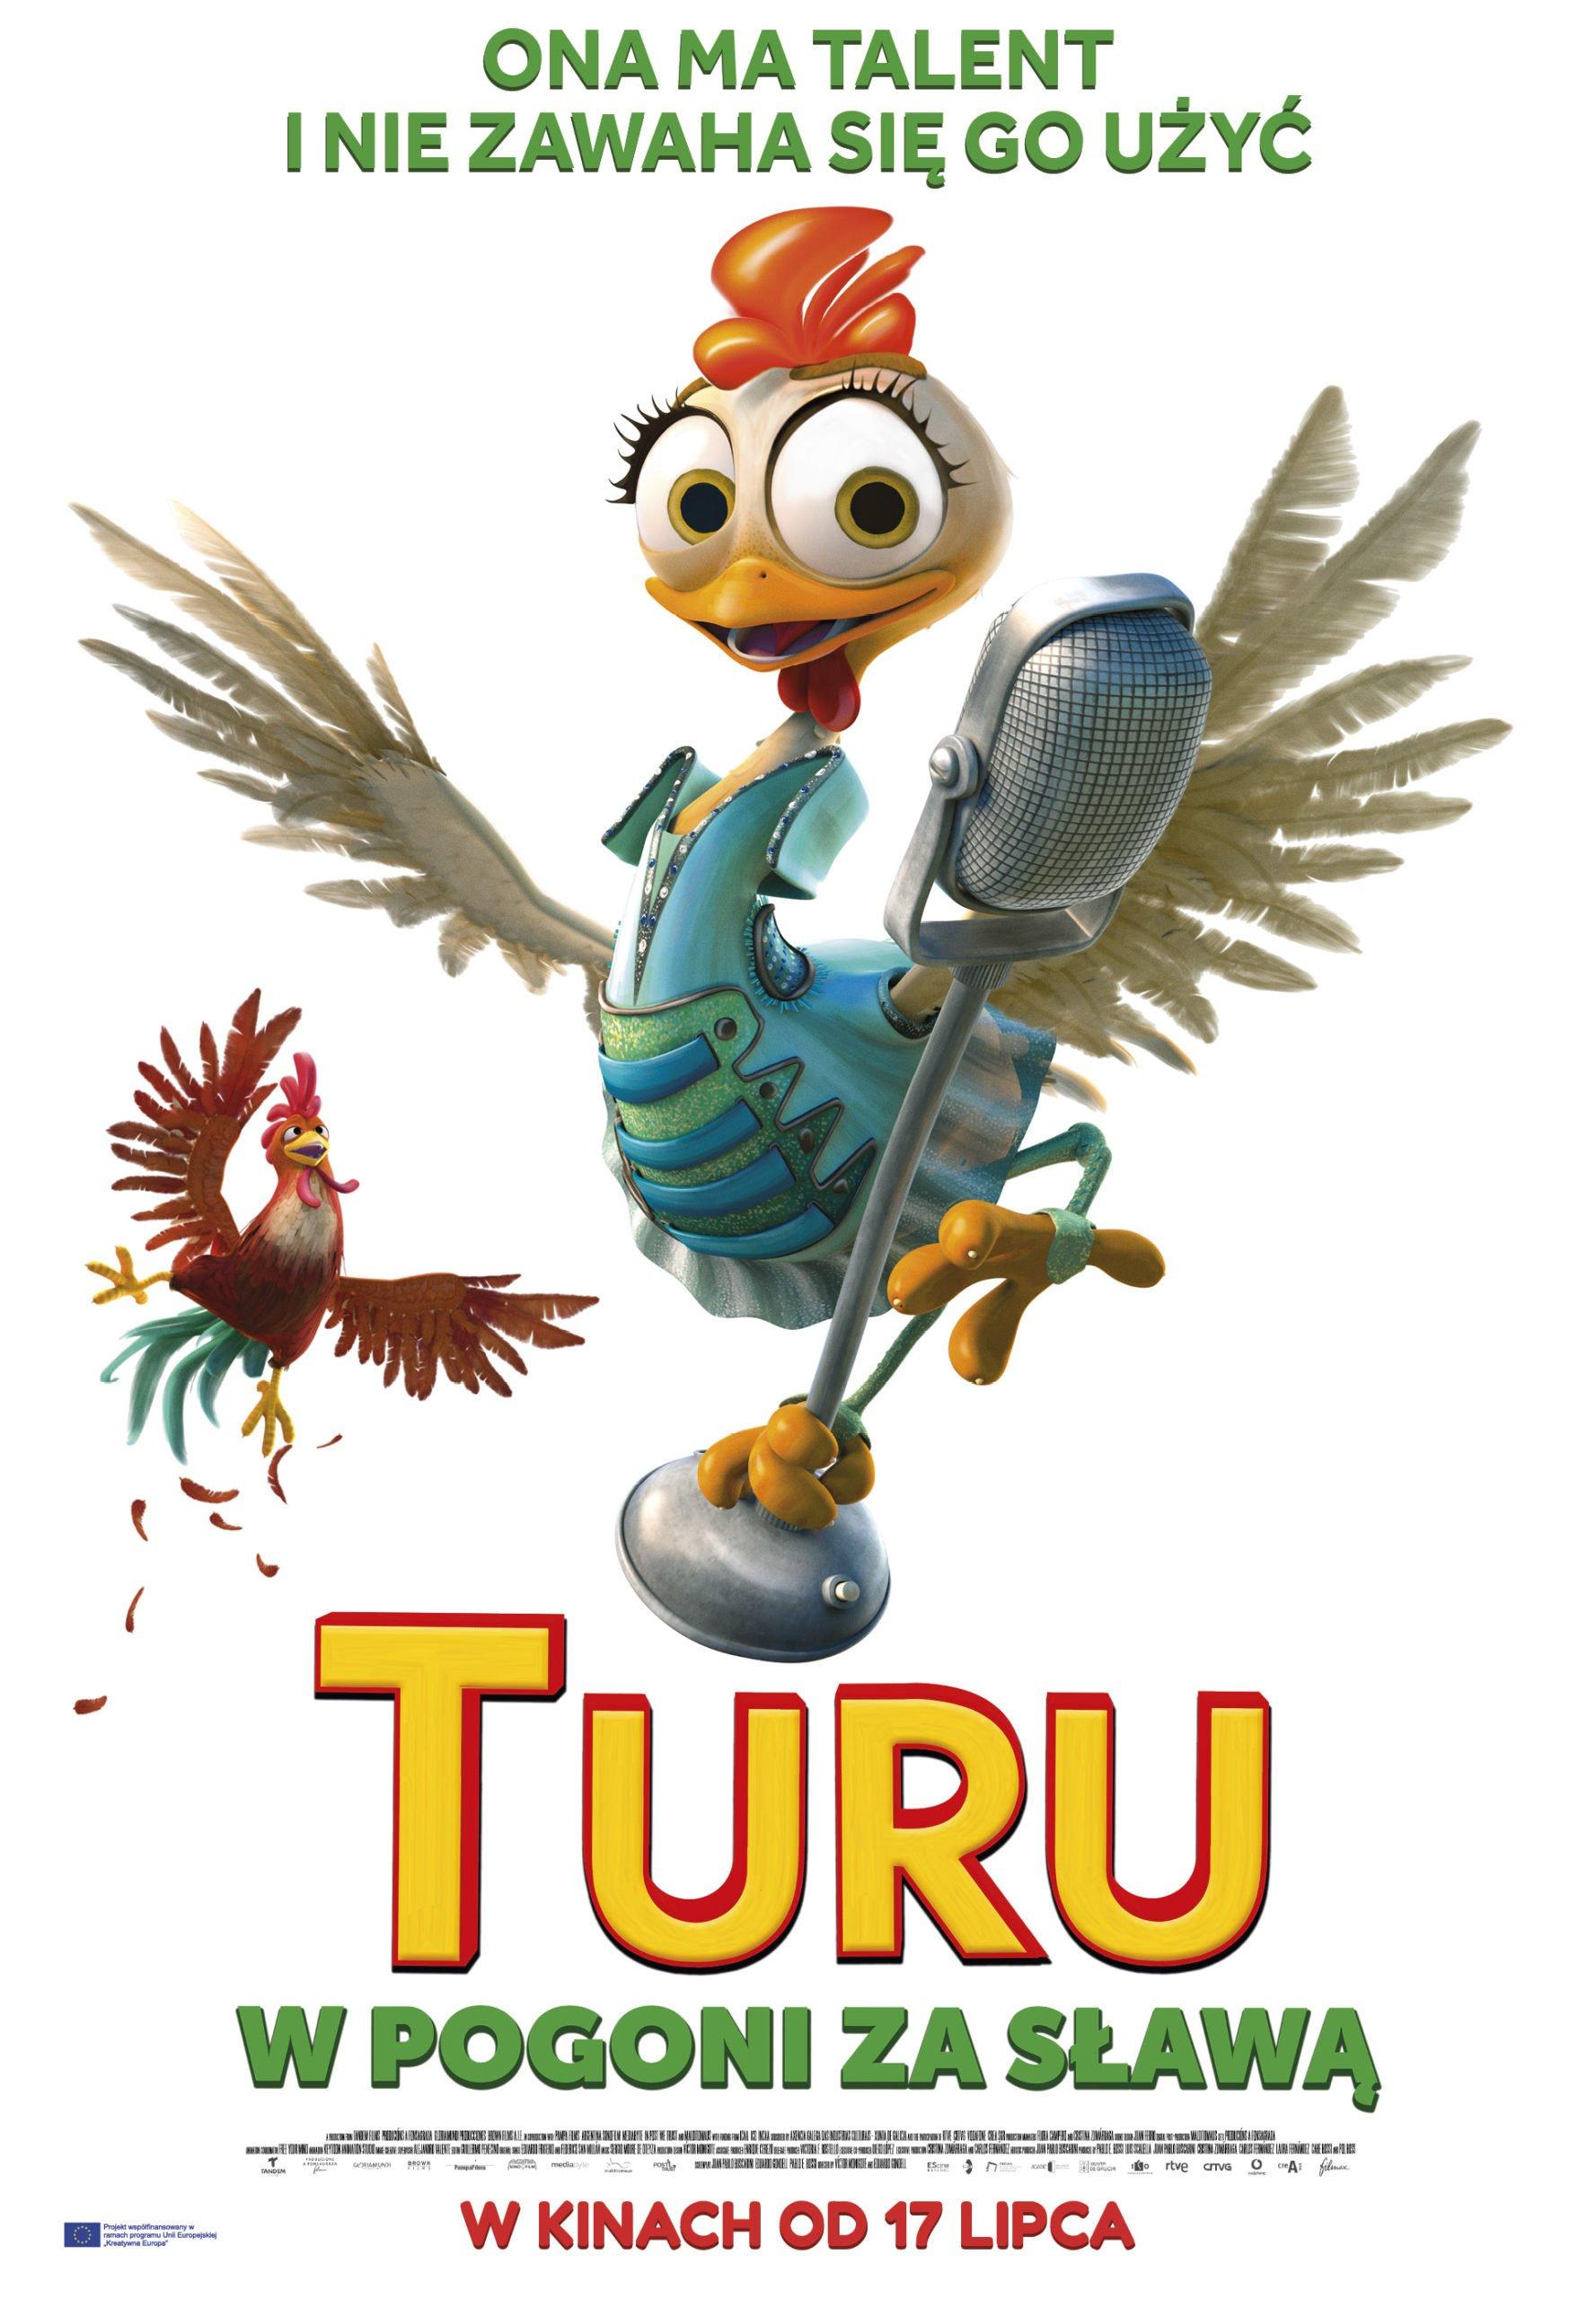 Ta kura pokaże wam pazura! Turu. W Pogoni za sławą w kinach od 17. lipca